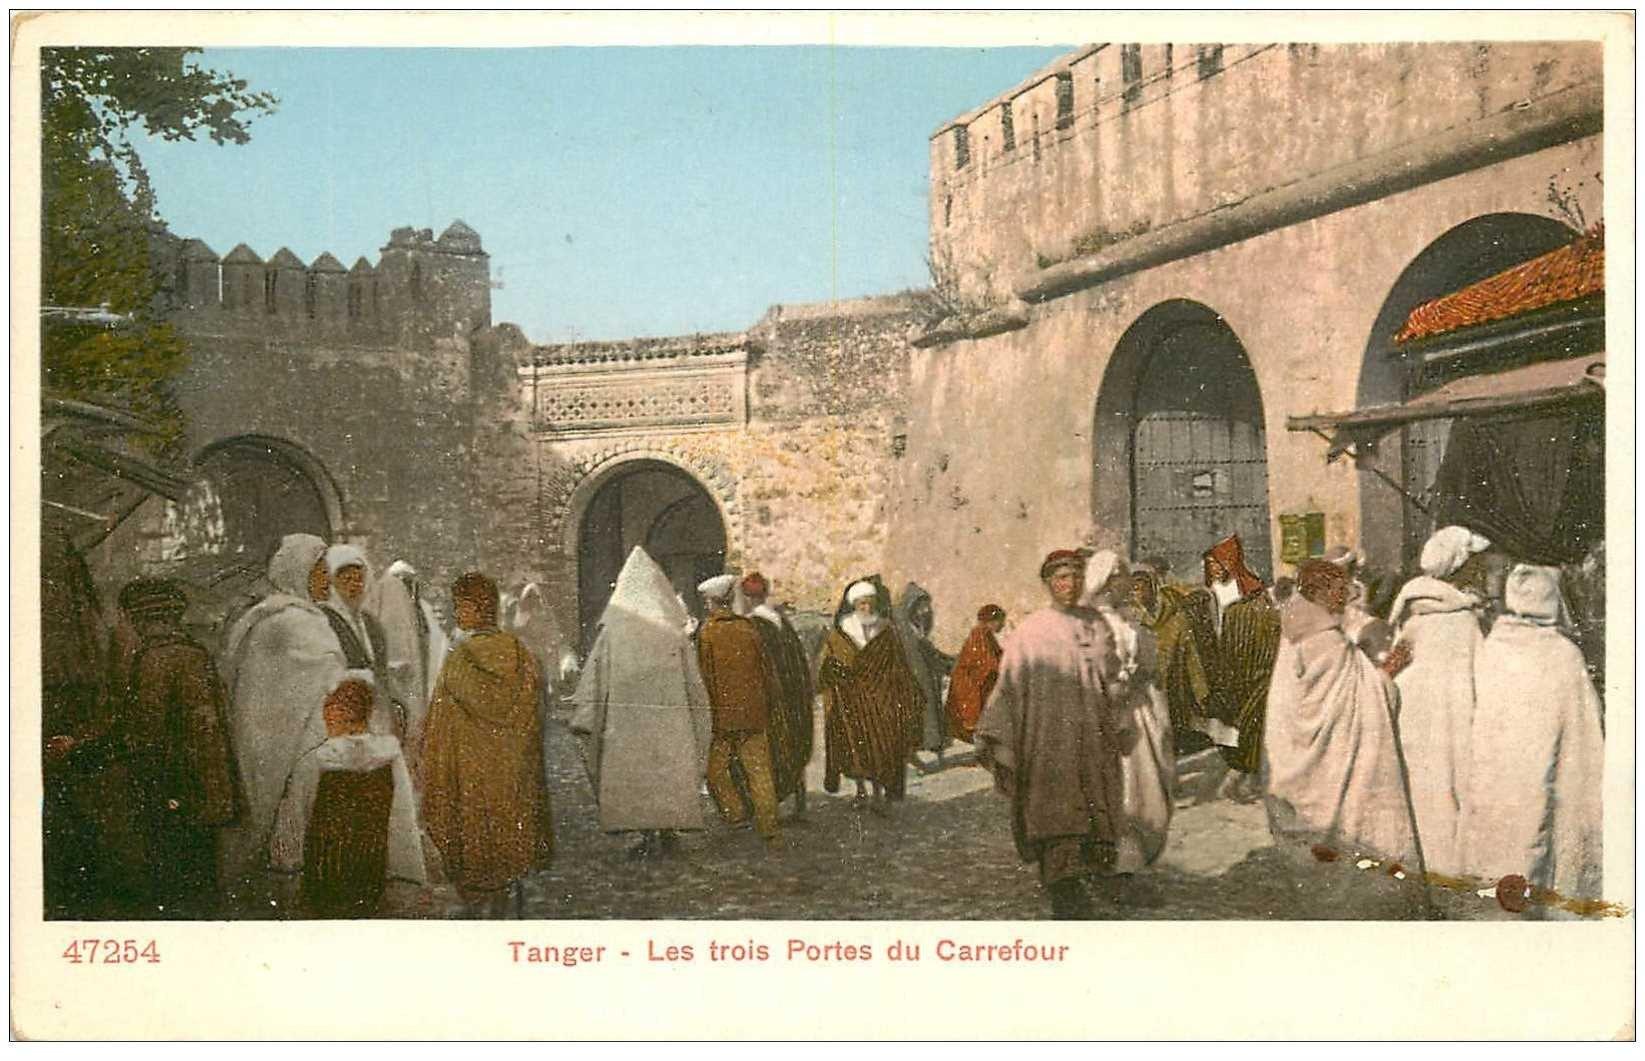 carte postale ancienne MAROC. Tanger. Les Trois Portes du Carrefour vers 1900